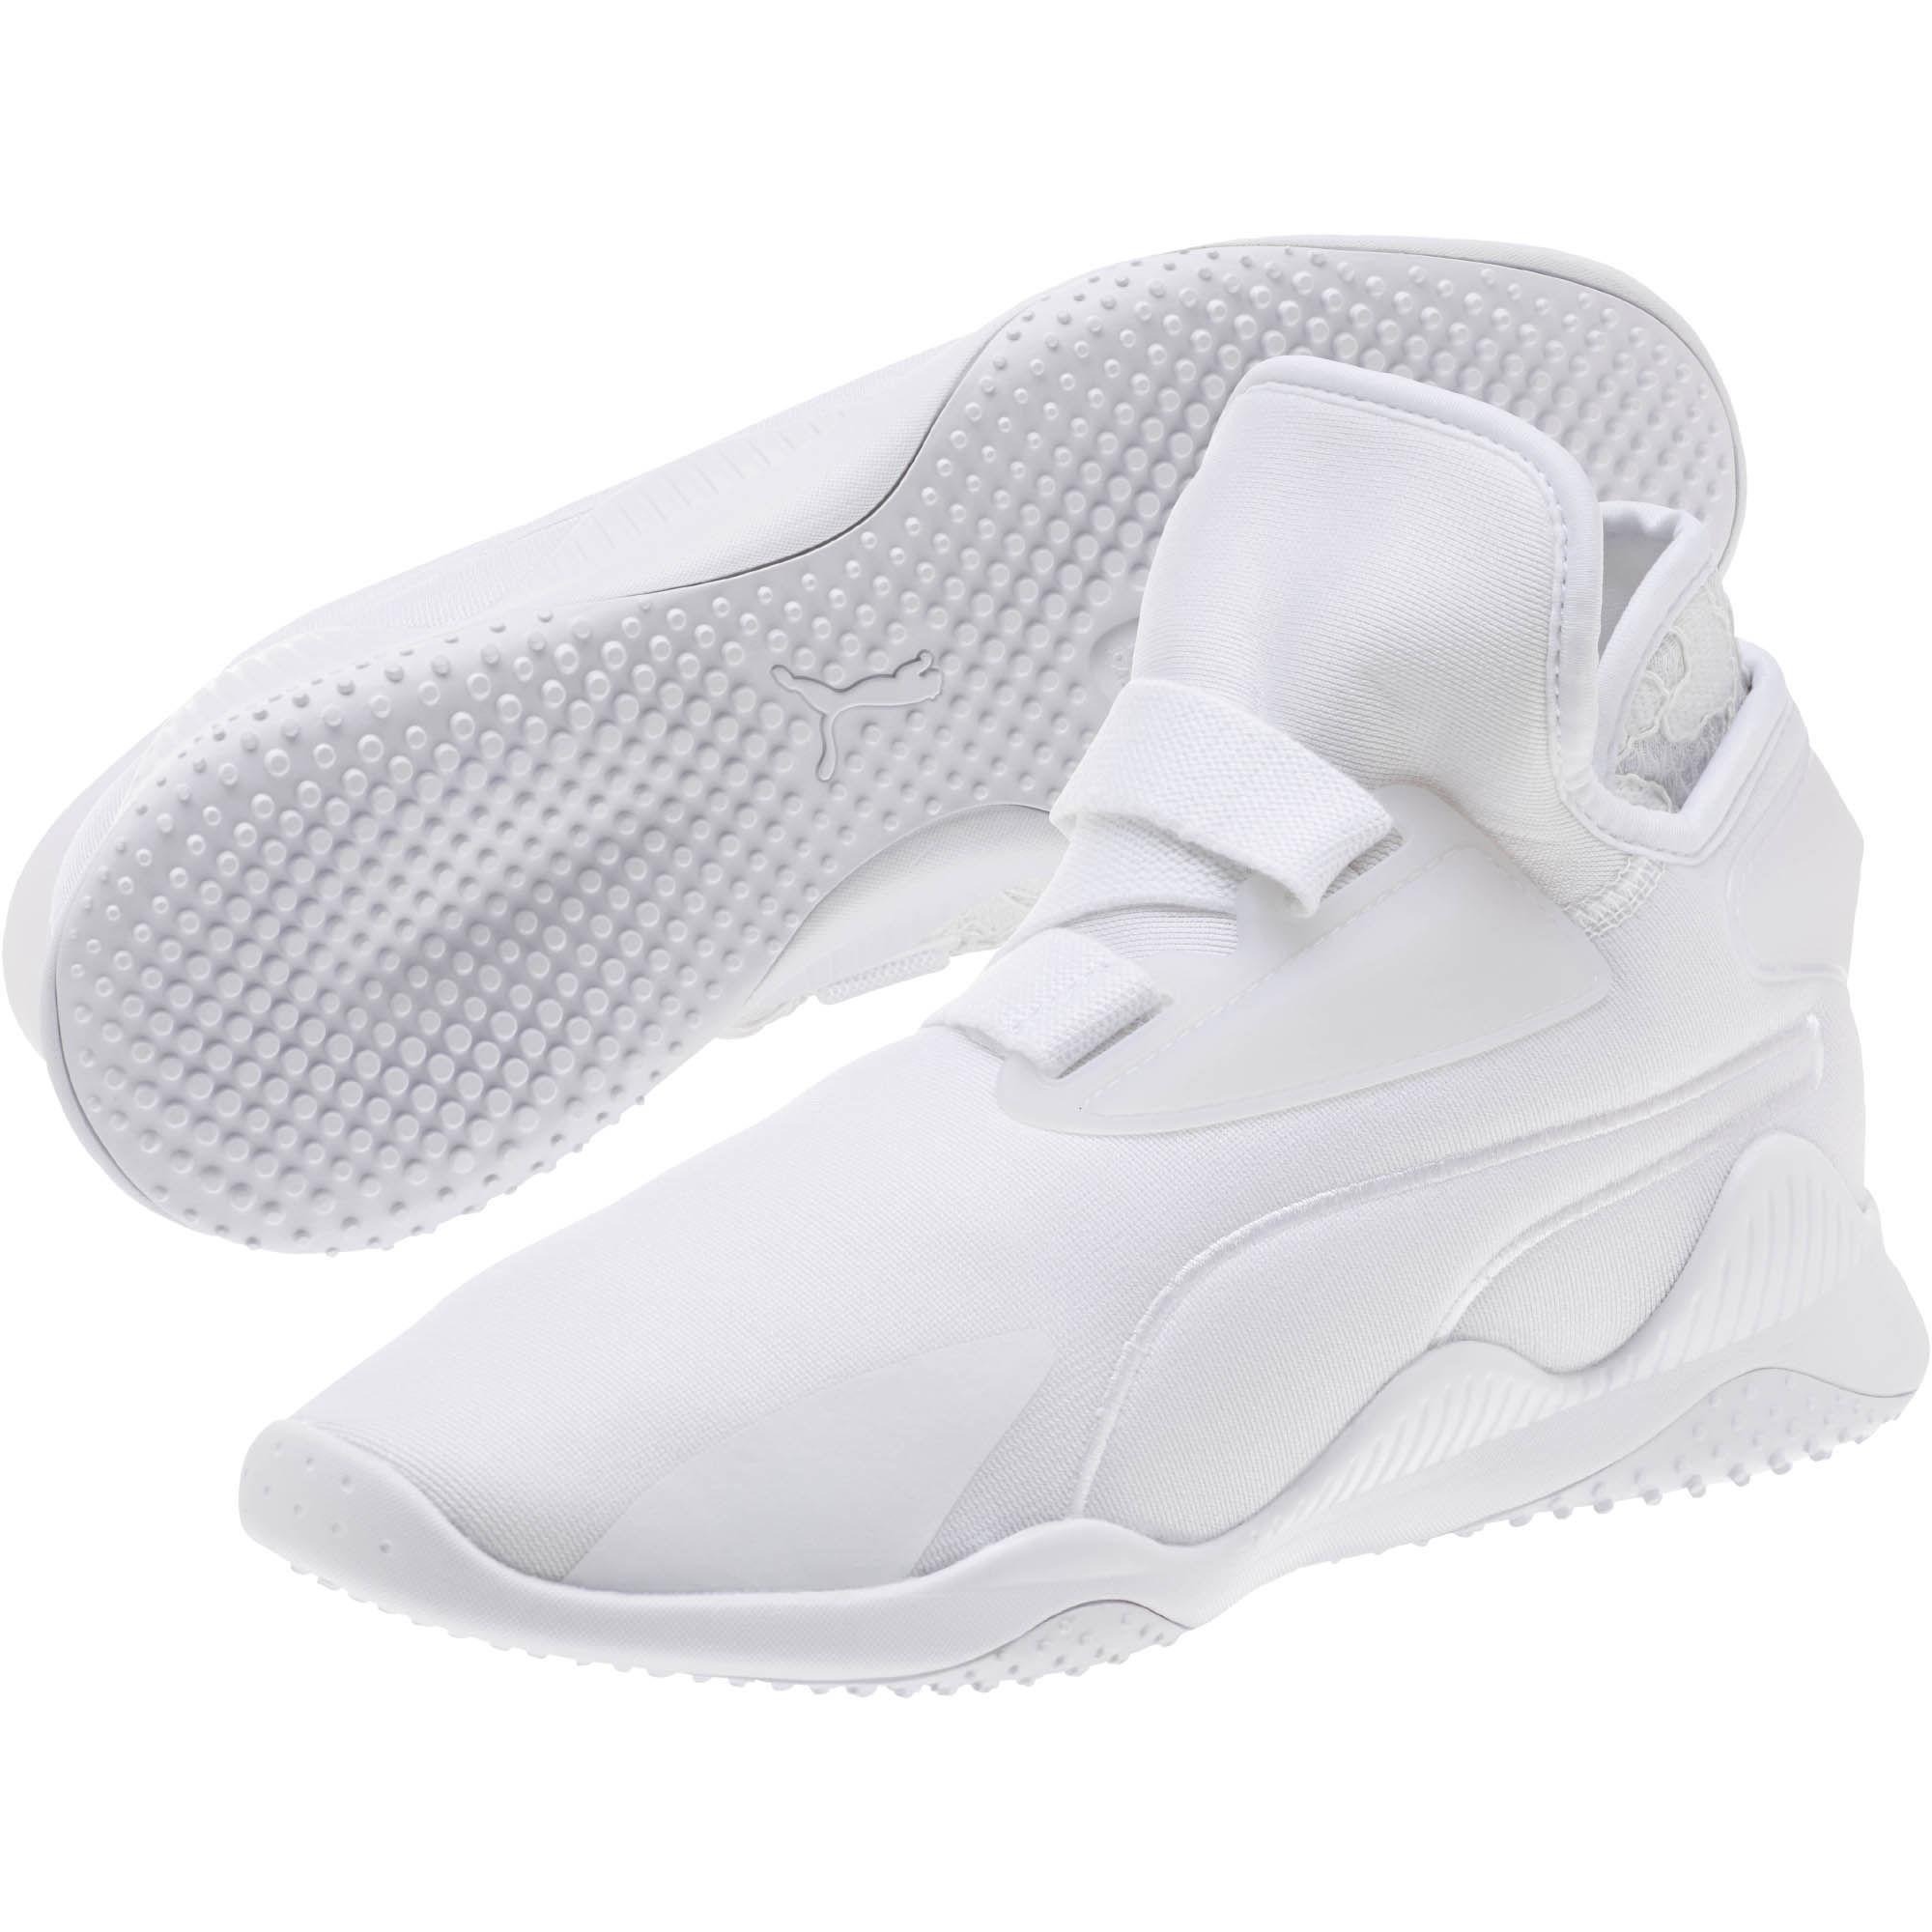 defa198a469e49 Lyst - PUMA Mostro Śīrsa Fo Women s Boots in White